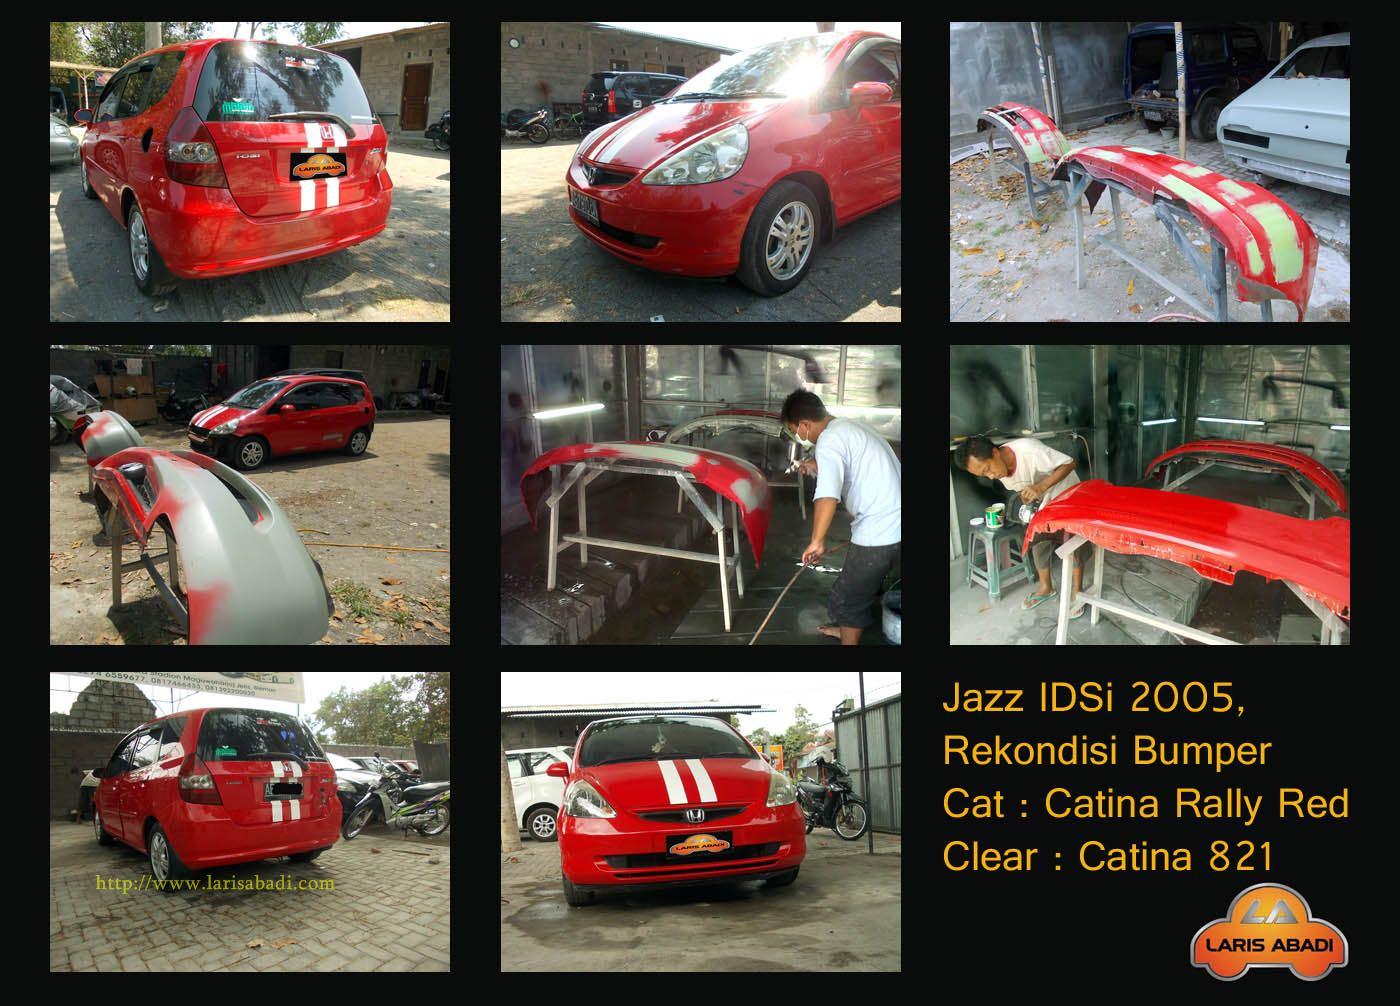 Jazz IDSi 2005